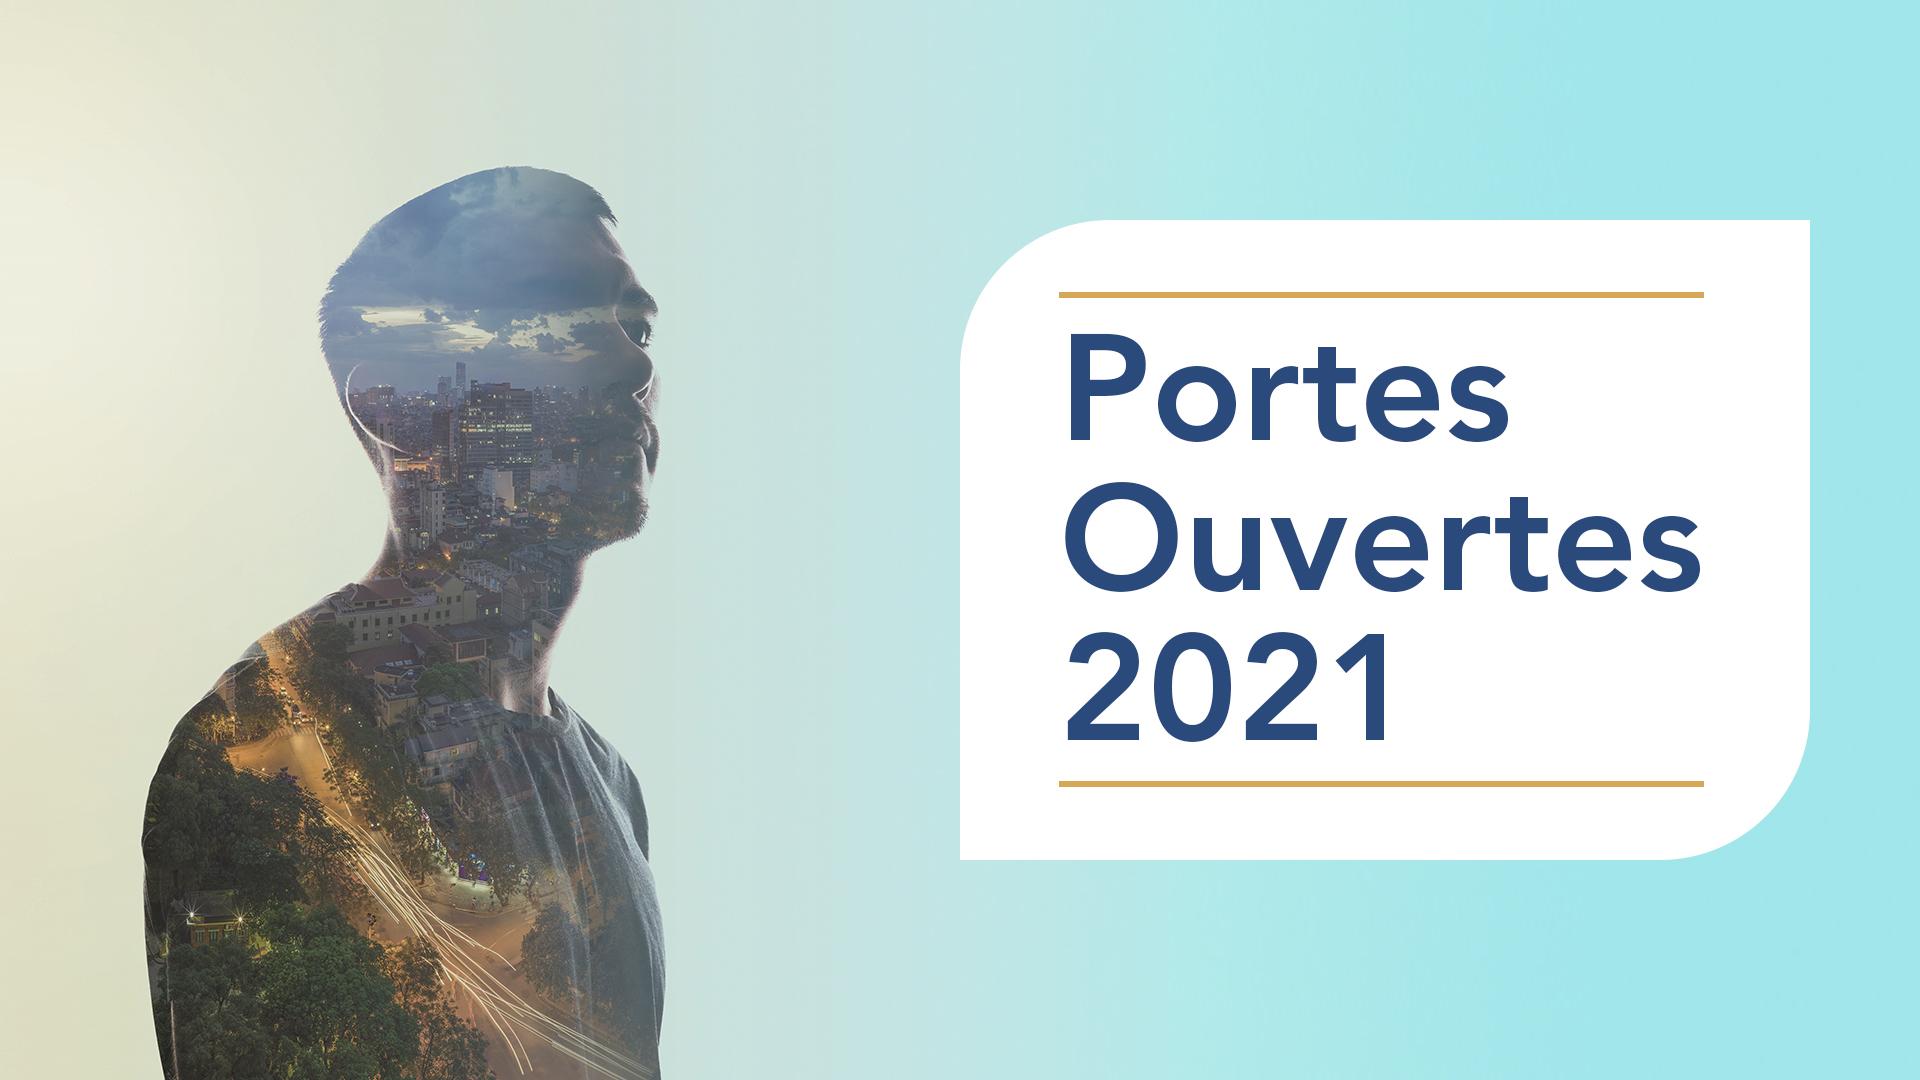 Actu - JPO 2021